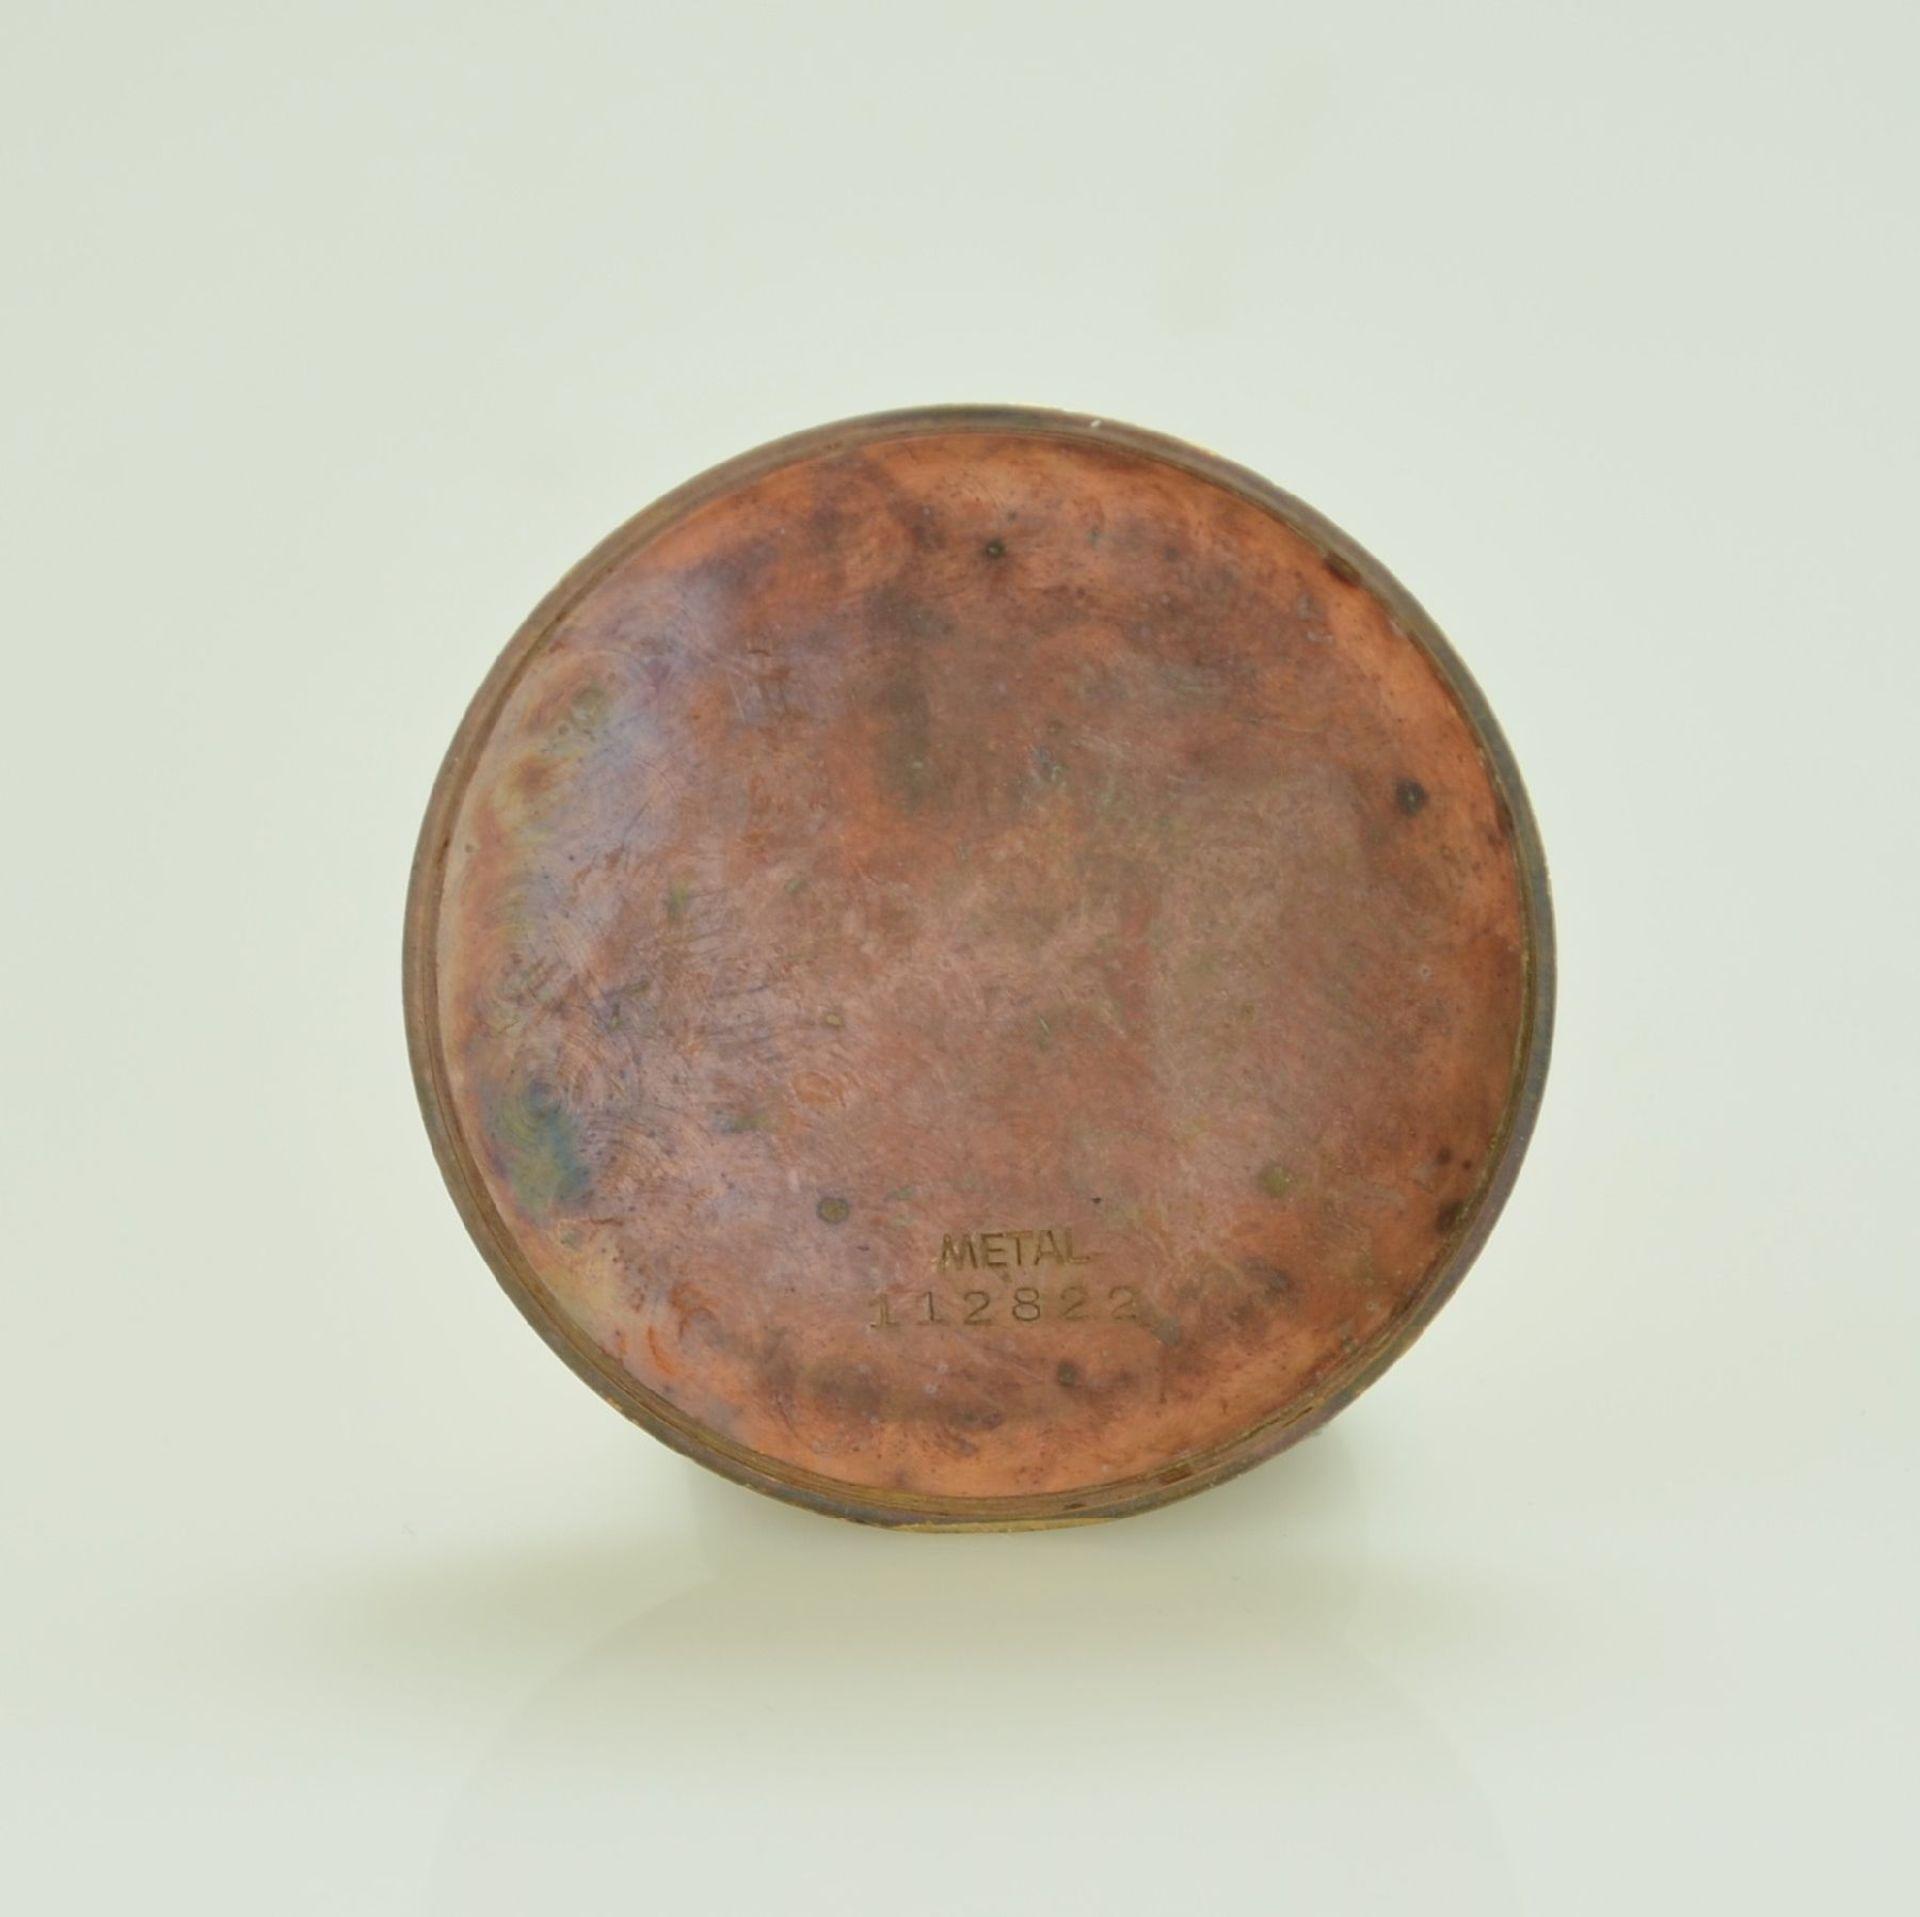 Herrenarmbanduhr mit Chronograph in 750/000 RoseG, Schweiz um 1950, Boden & Glasrand aufgedr., rest. - Bild 8 aus 9